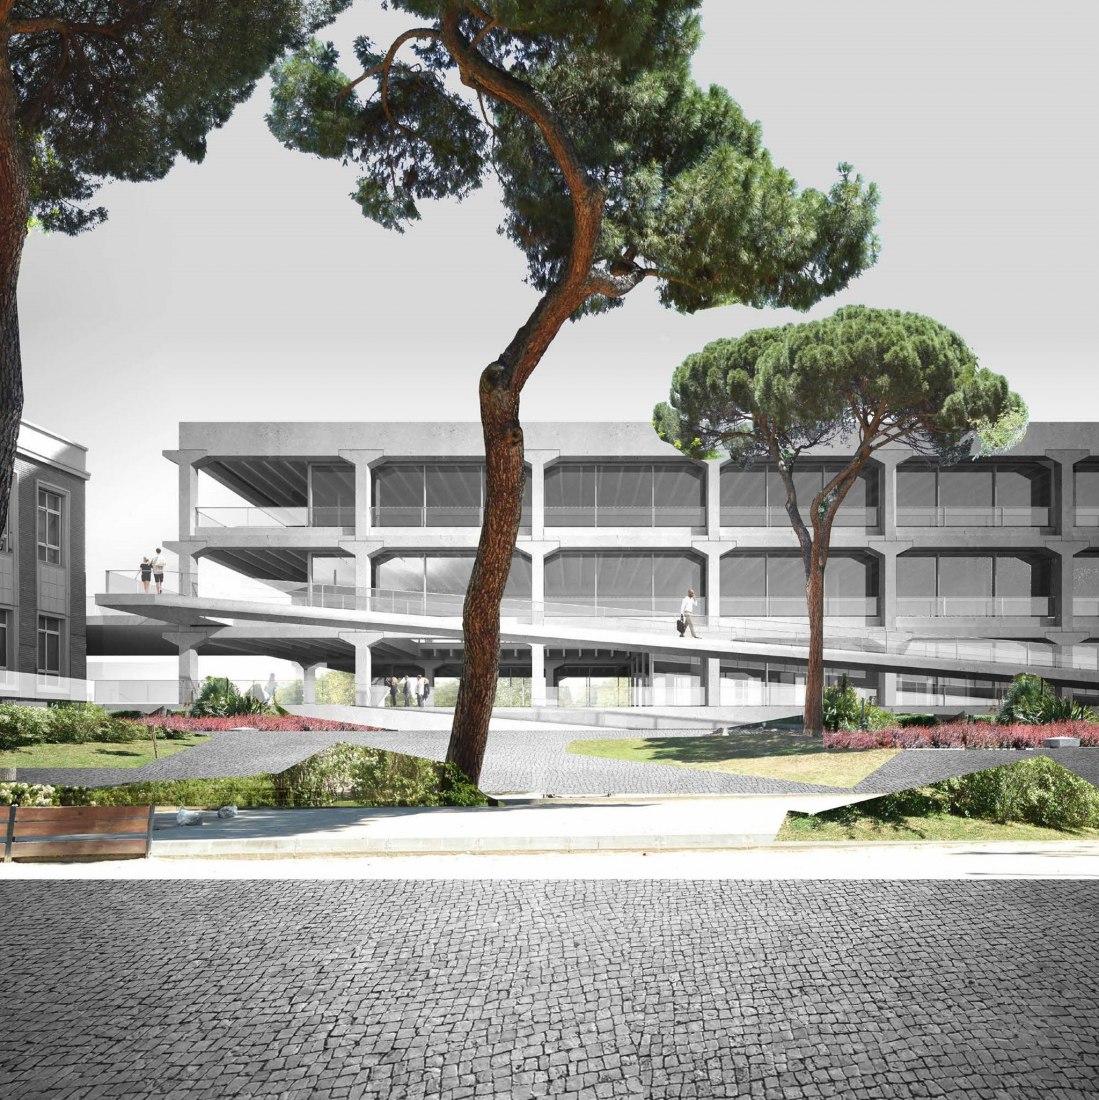 Visualización de la nueva escuela de arquitectura por Emilio Tuñón. Imagen cortesía de UPC